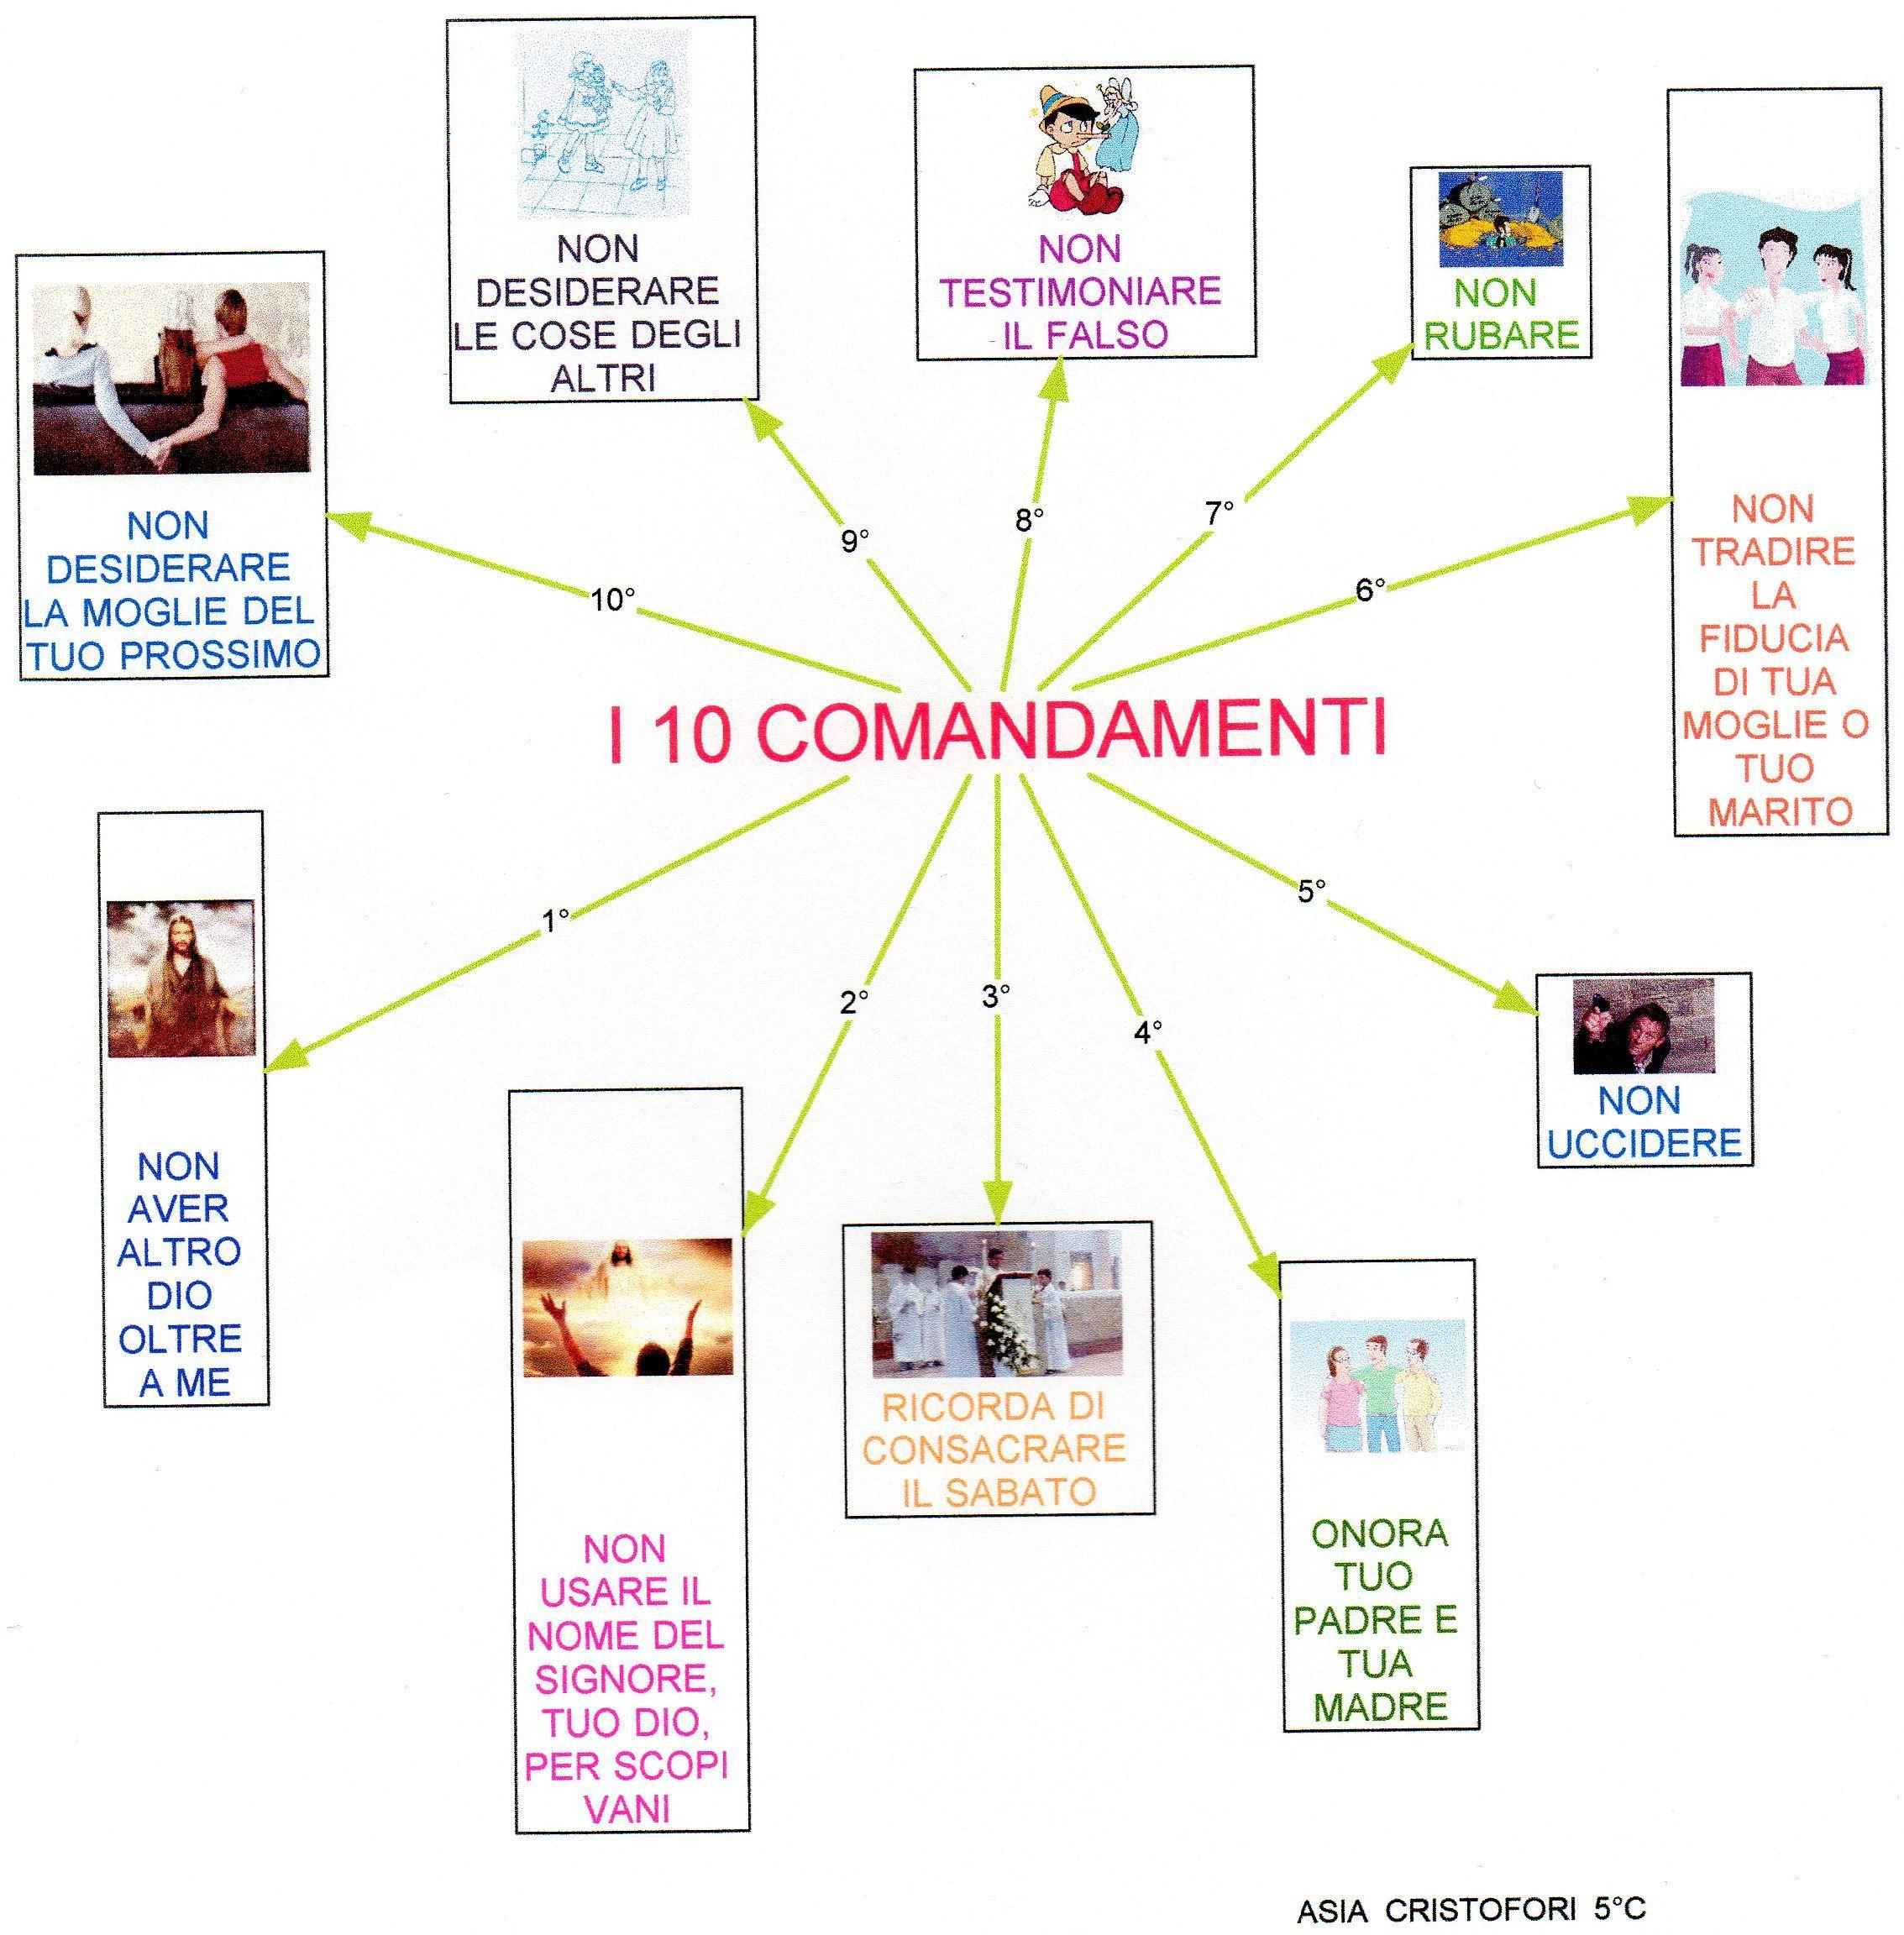 Mappa religione dieci comandamenti italiano pinterest - Tavole dei dieci comandamenti ...